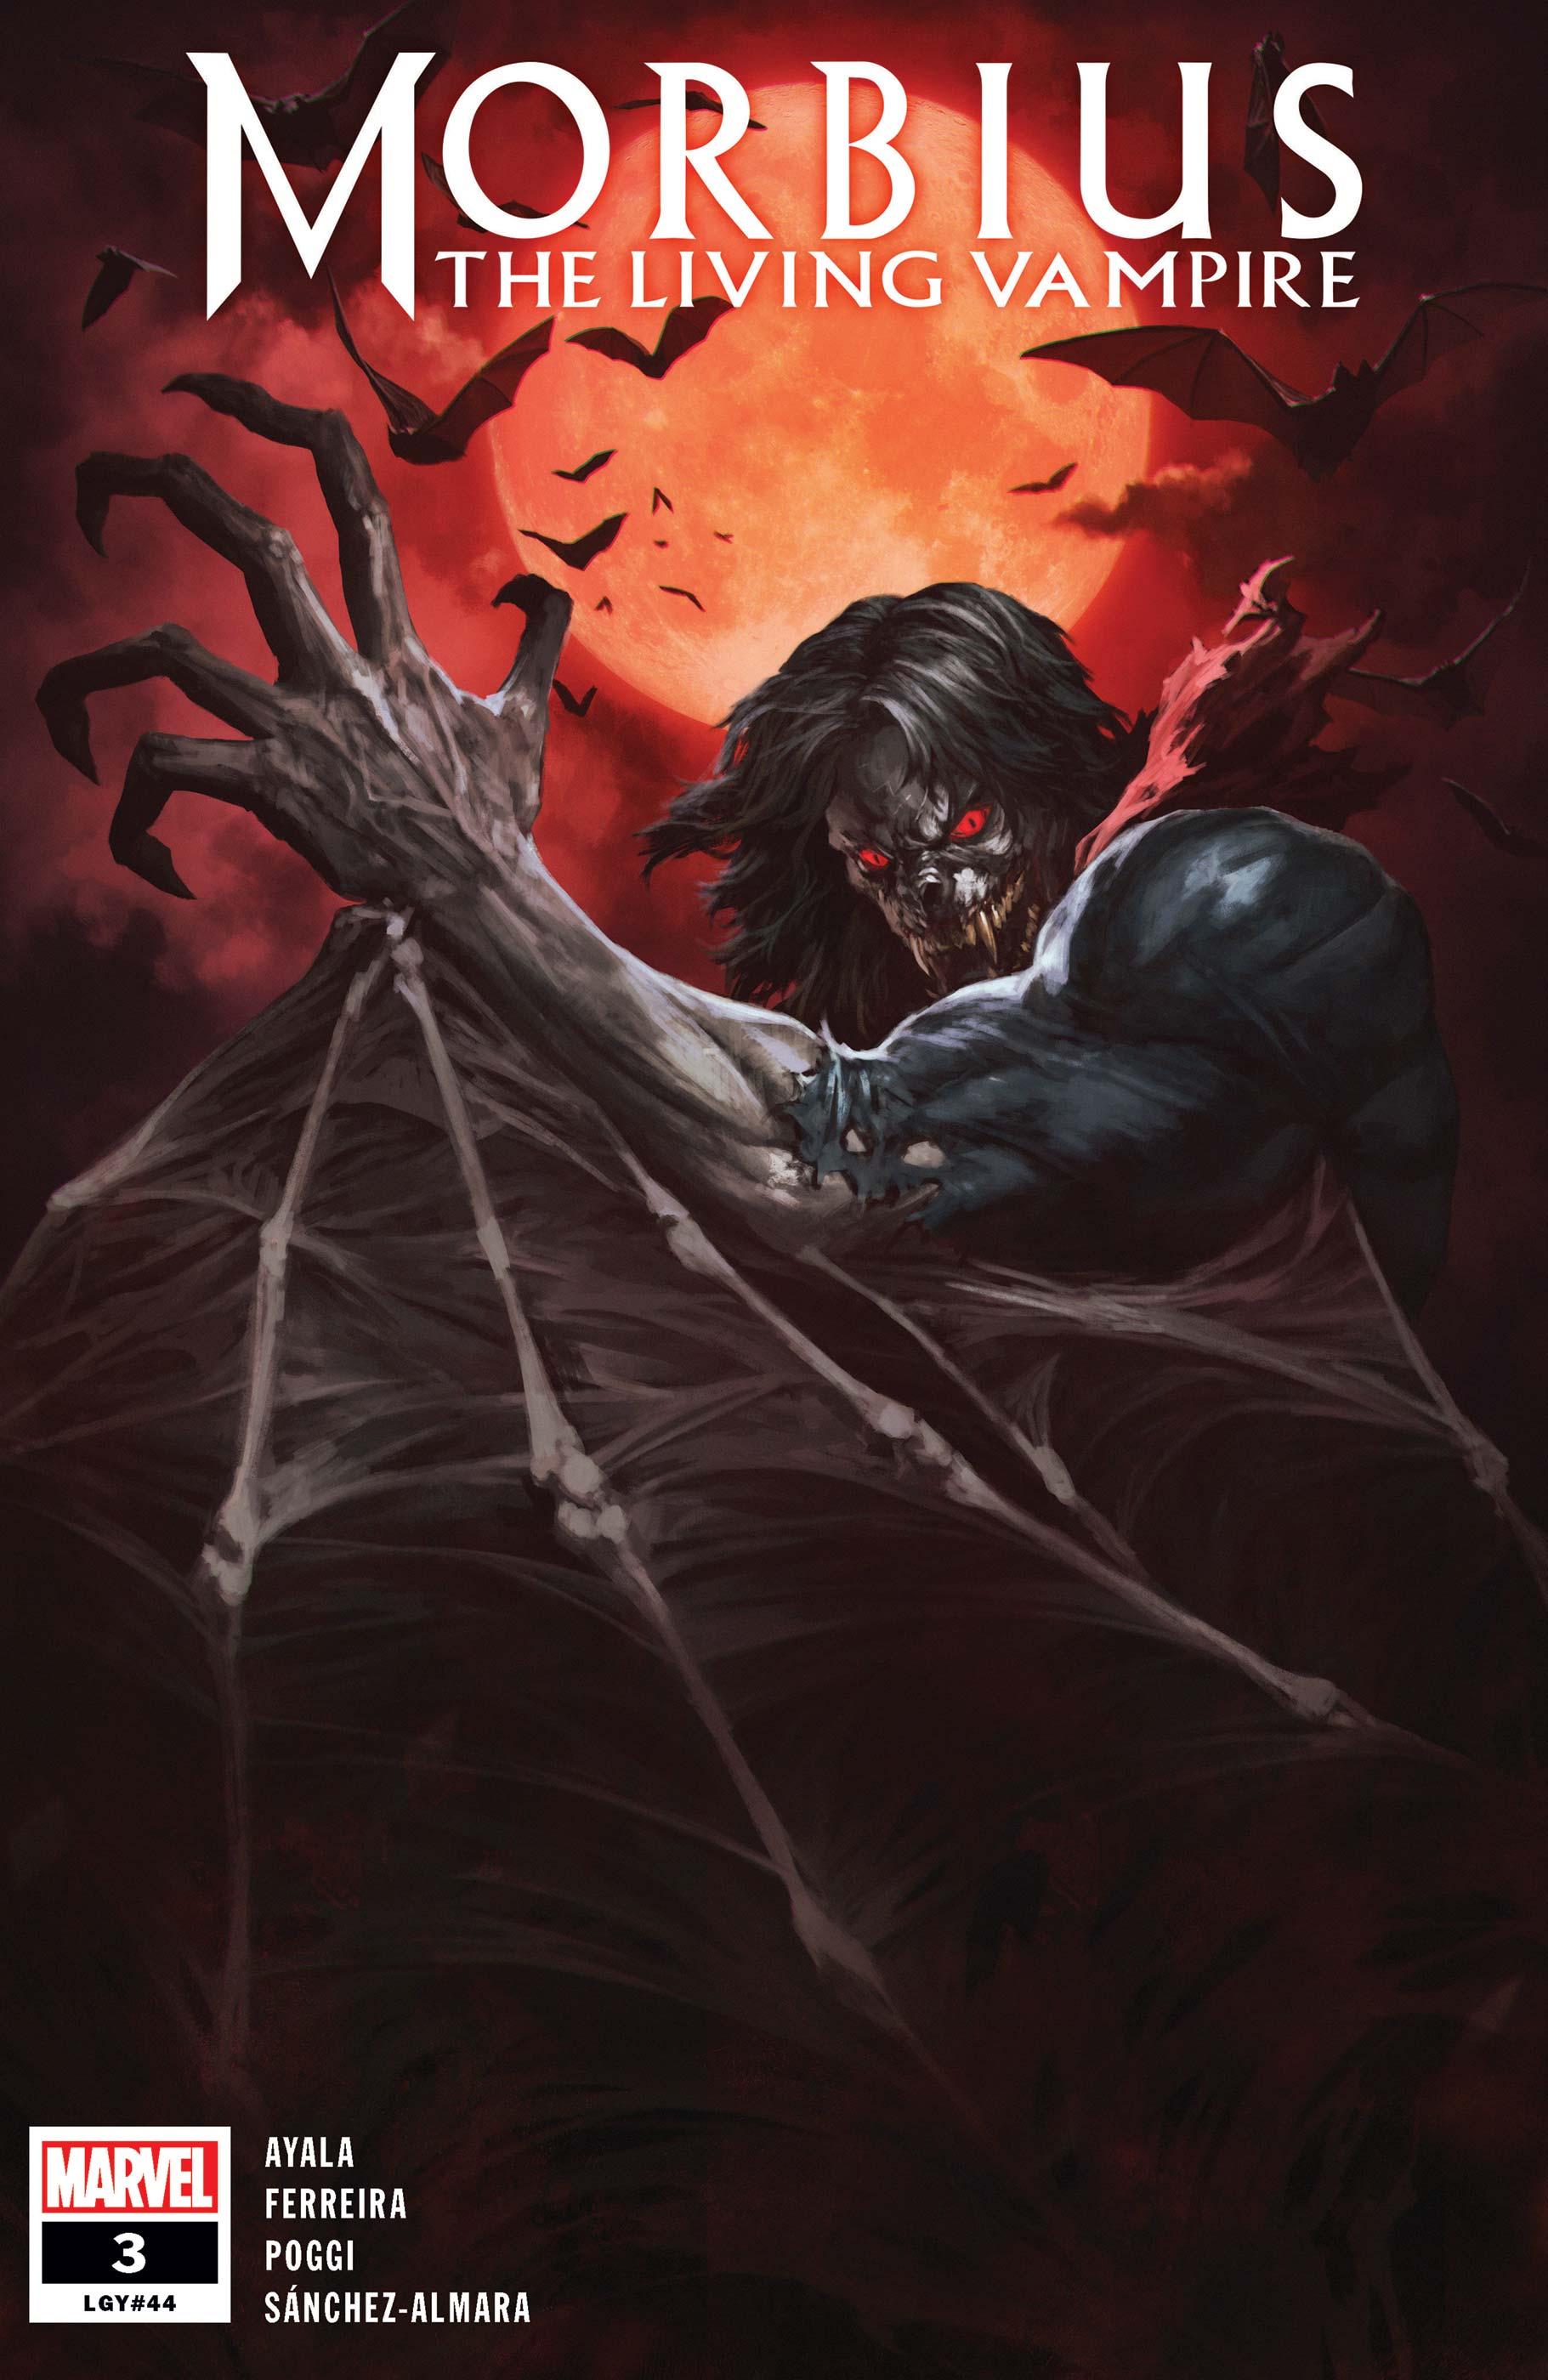 Morbius (2019) #3